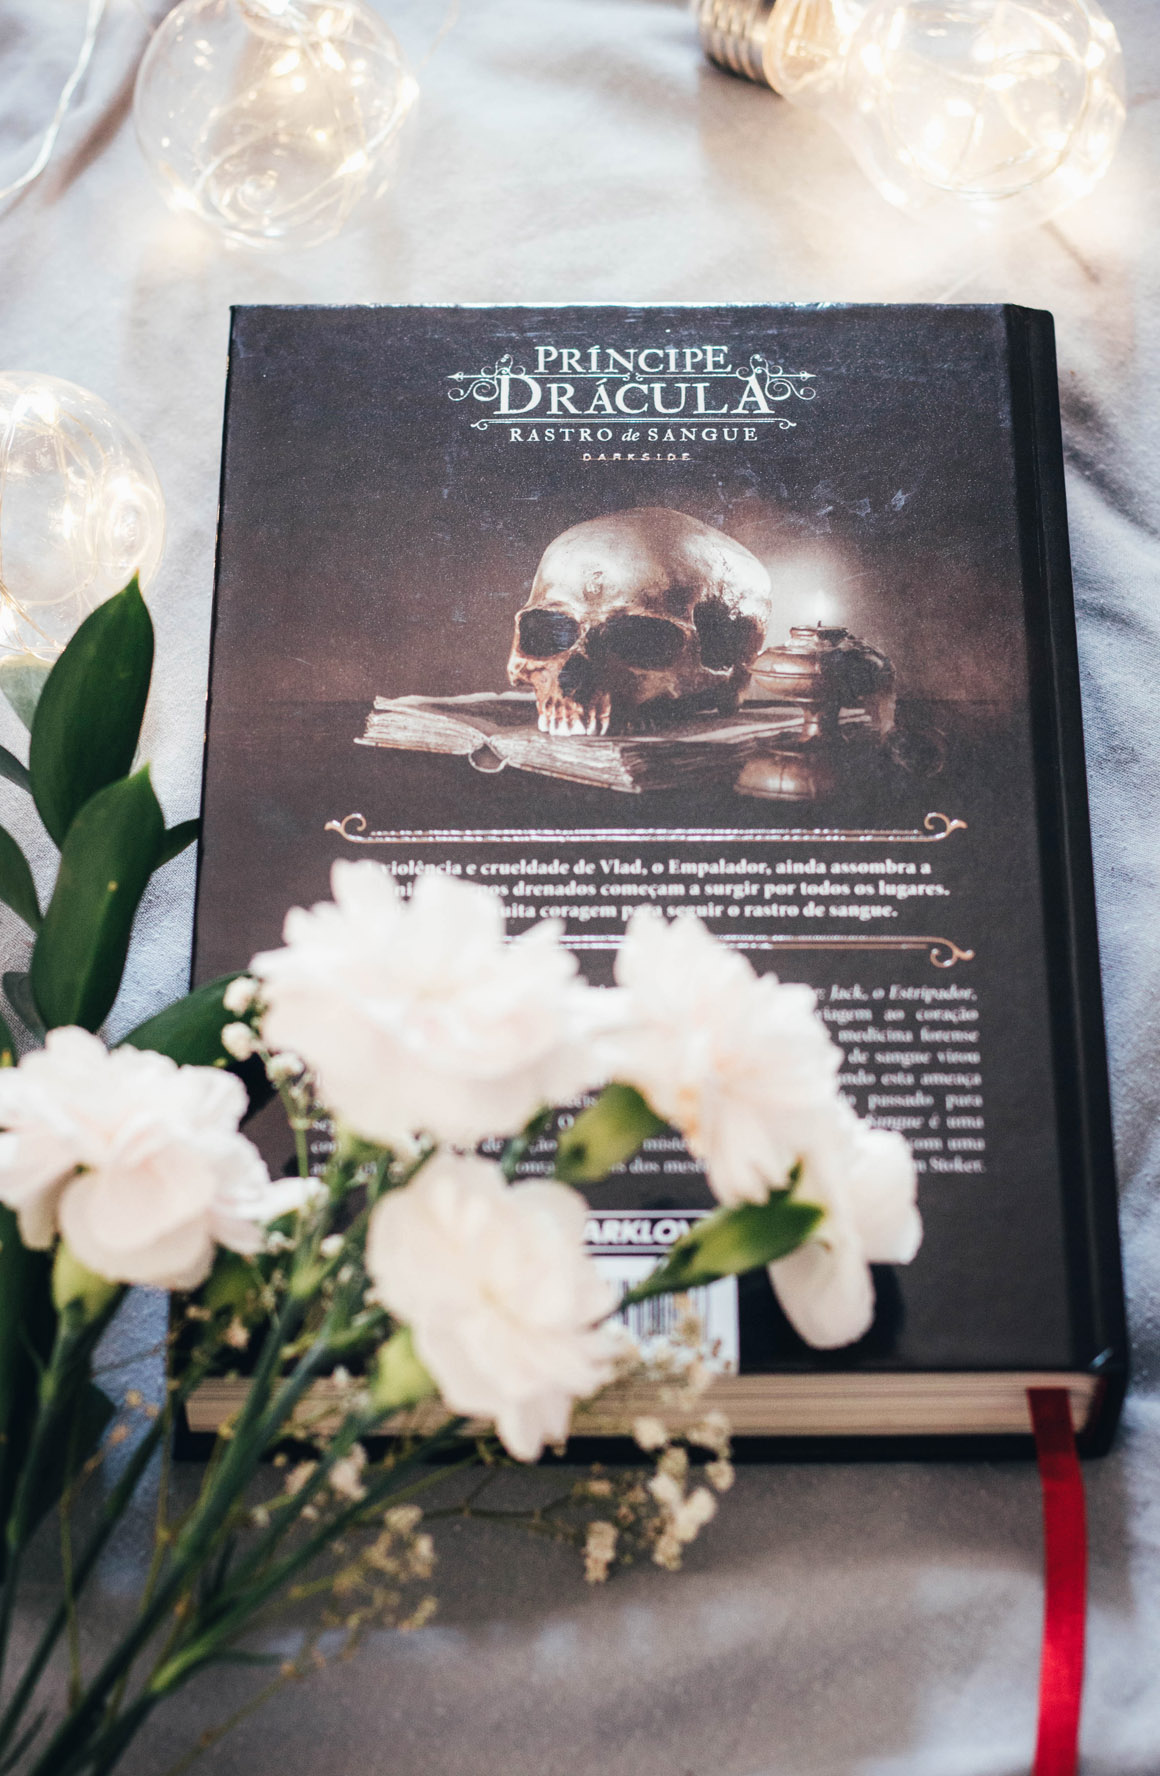 Resenha de livro Rastro de Sangue Principe Drácula Darkside Books